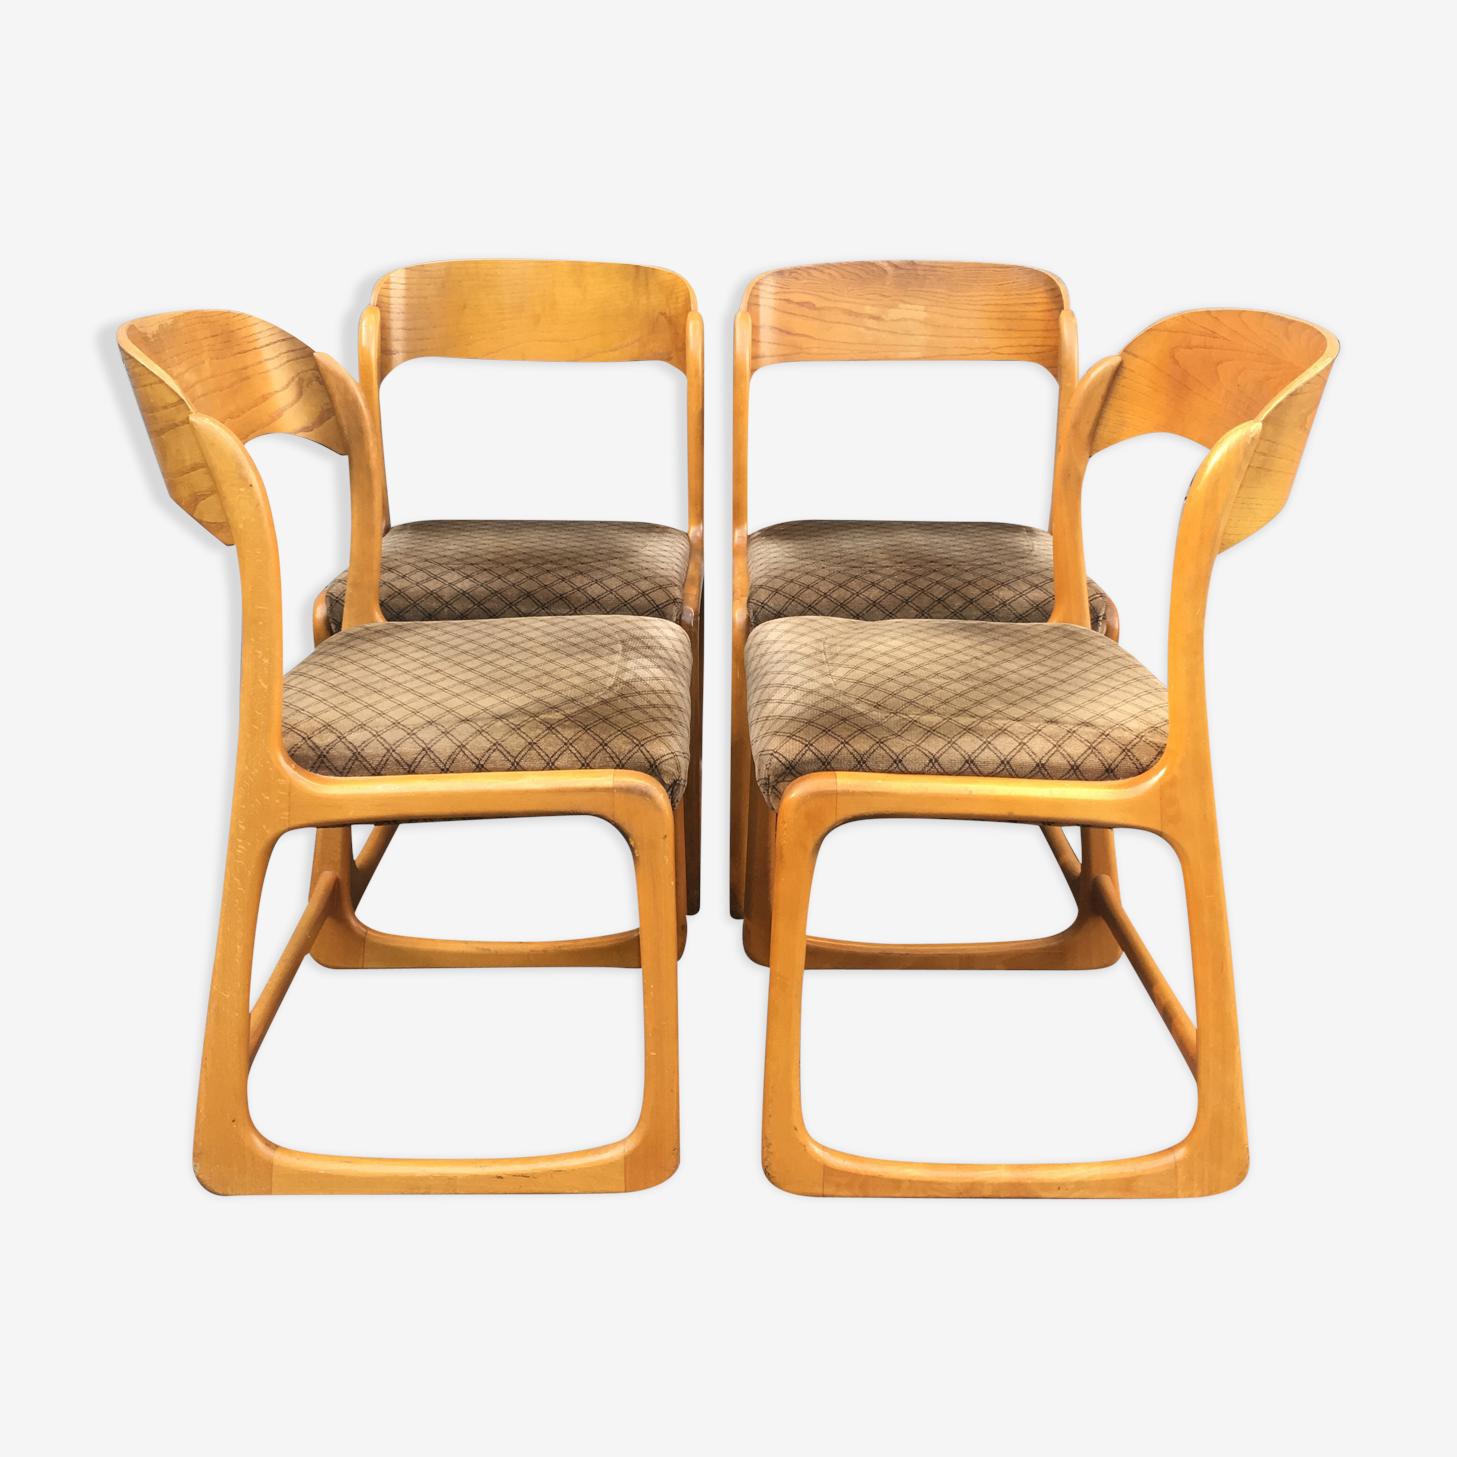 Baumann suite de 4 chaises traîneau